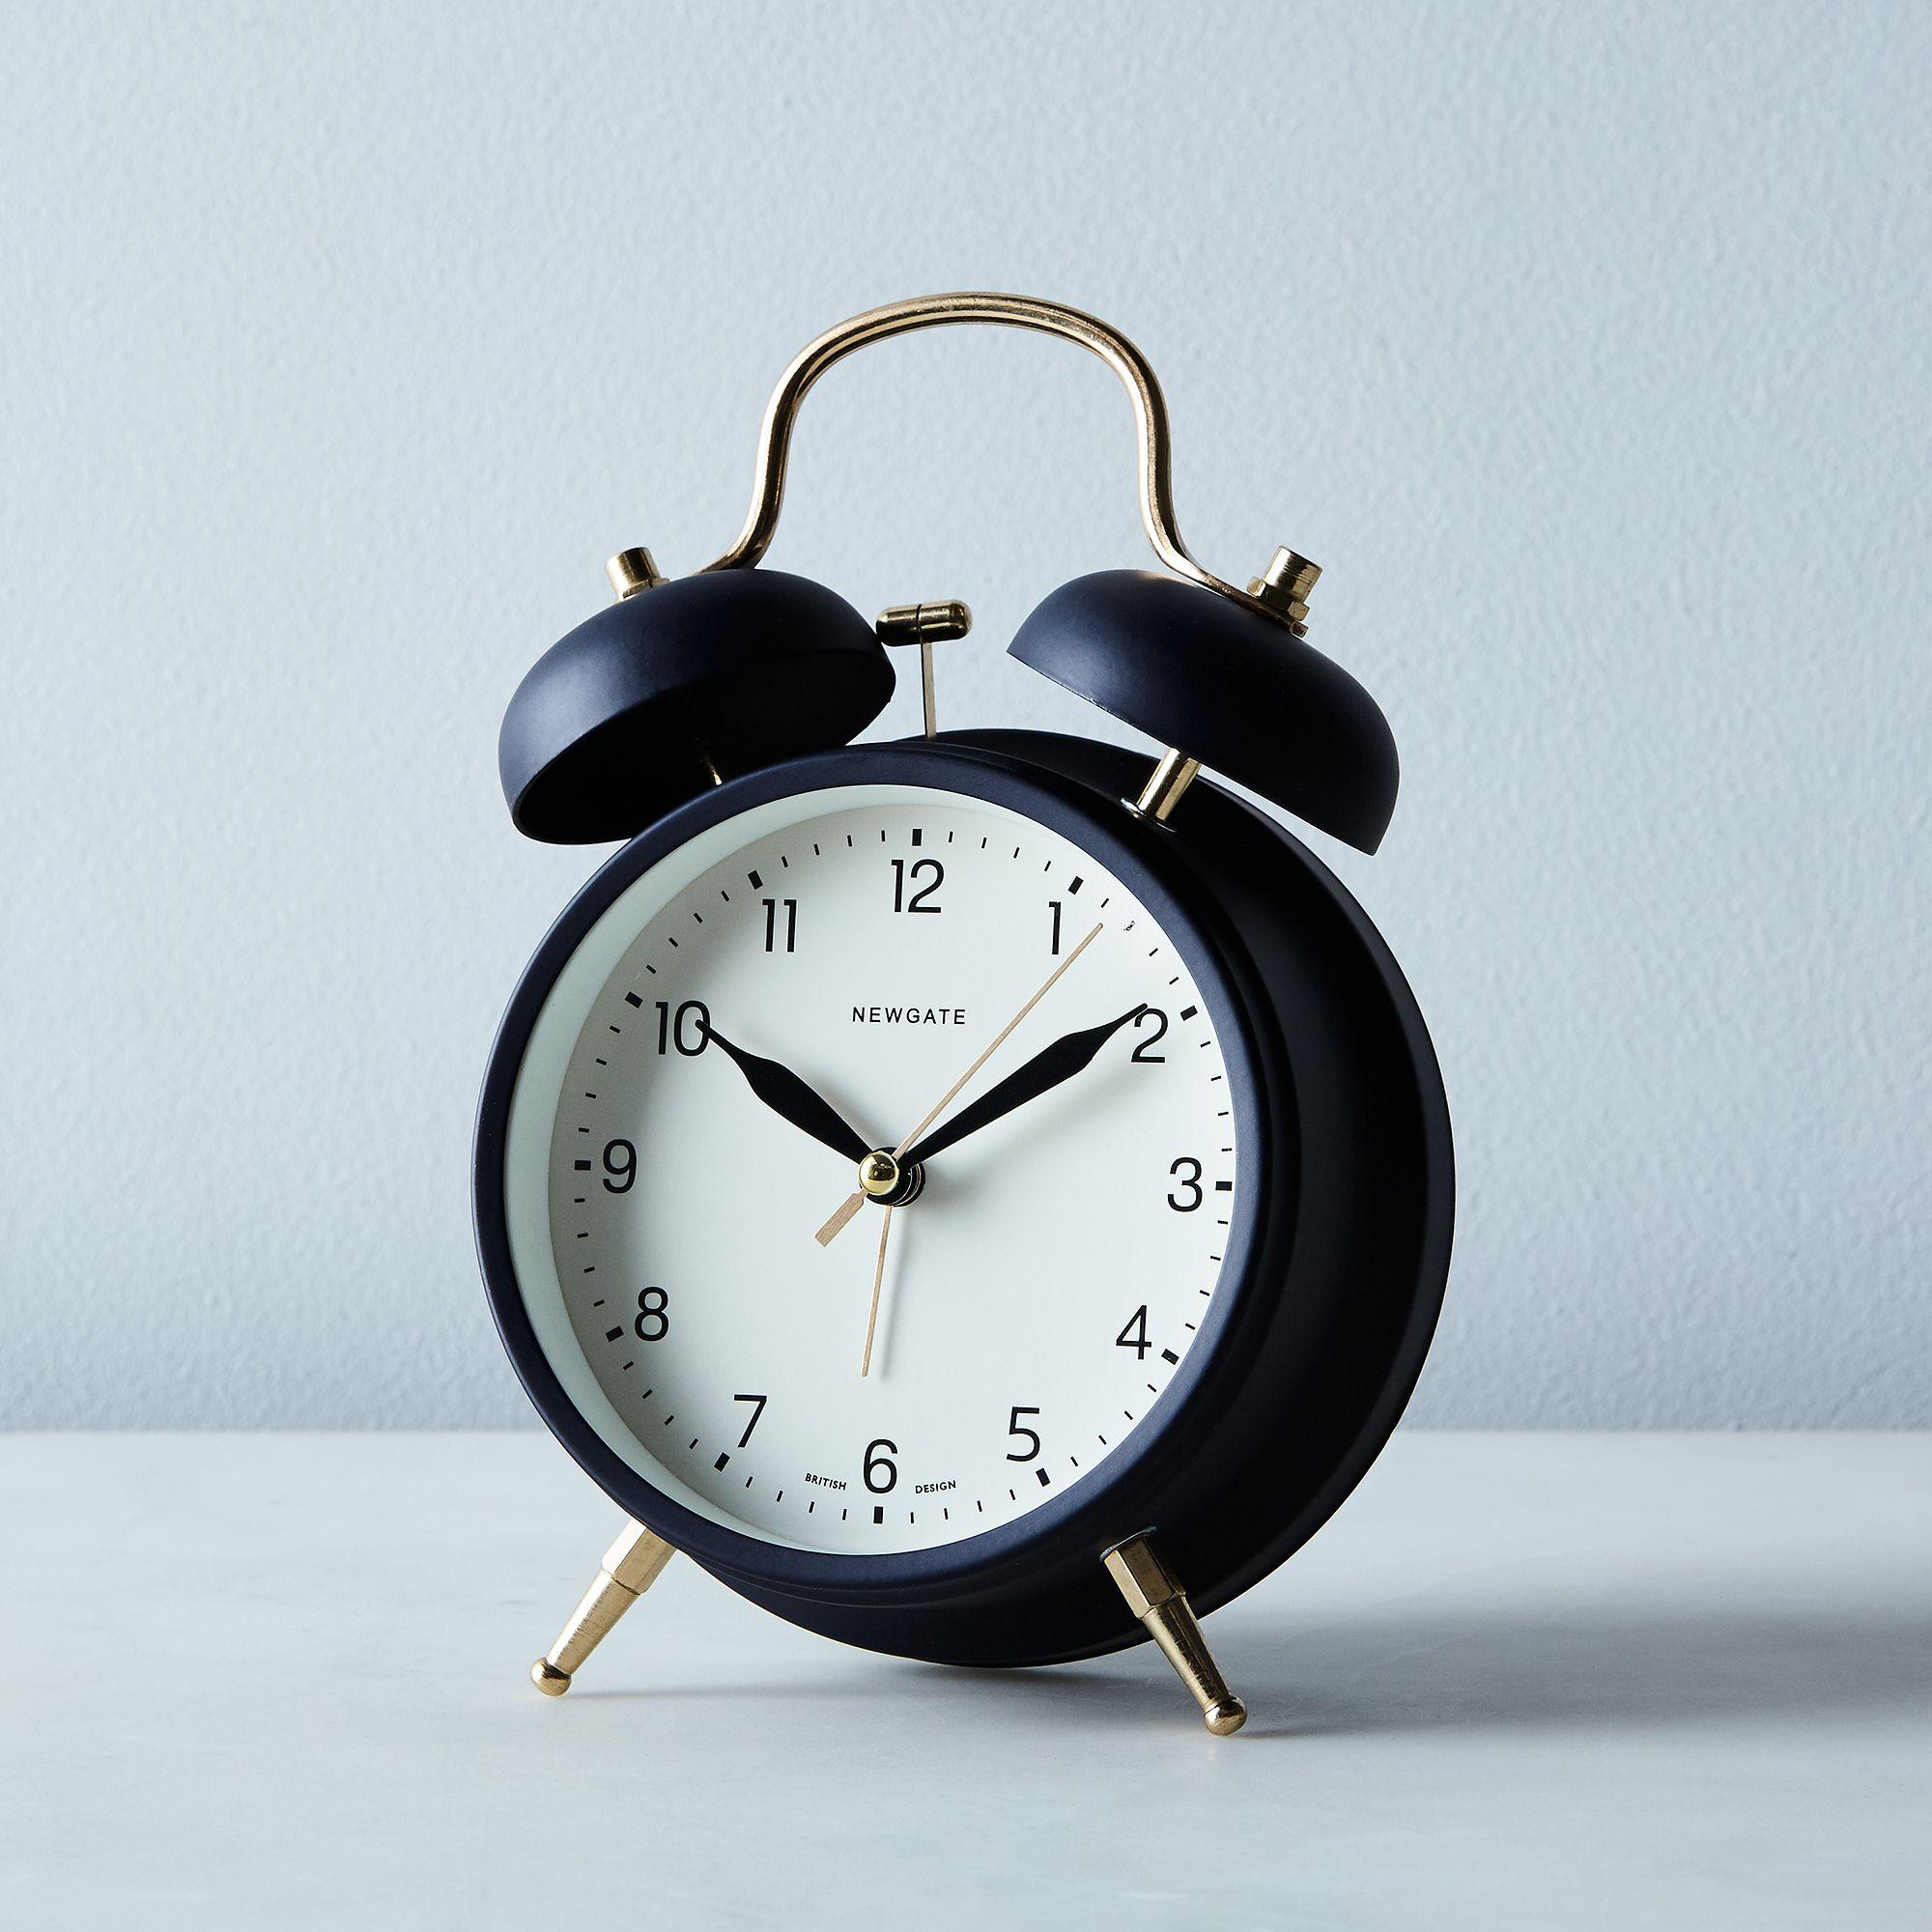 8e382592 47b0 4045 84d5 4e35ff588873  2017 0302 newgate brass knocker alarm clock silo rocky luten 004